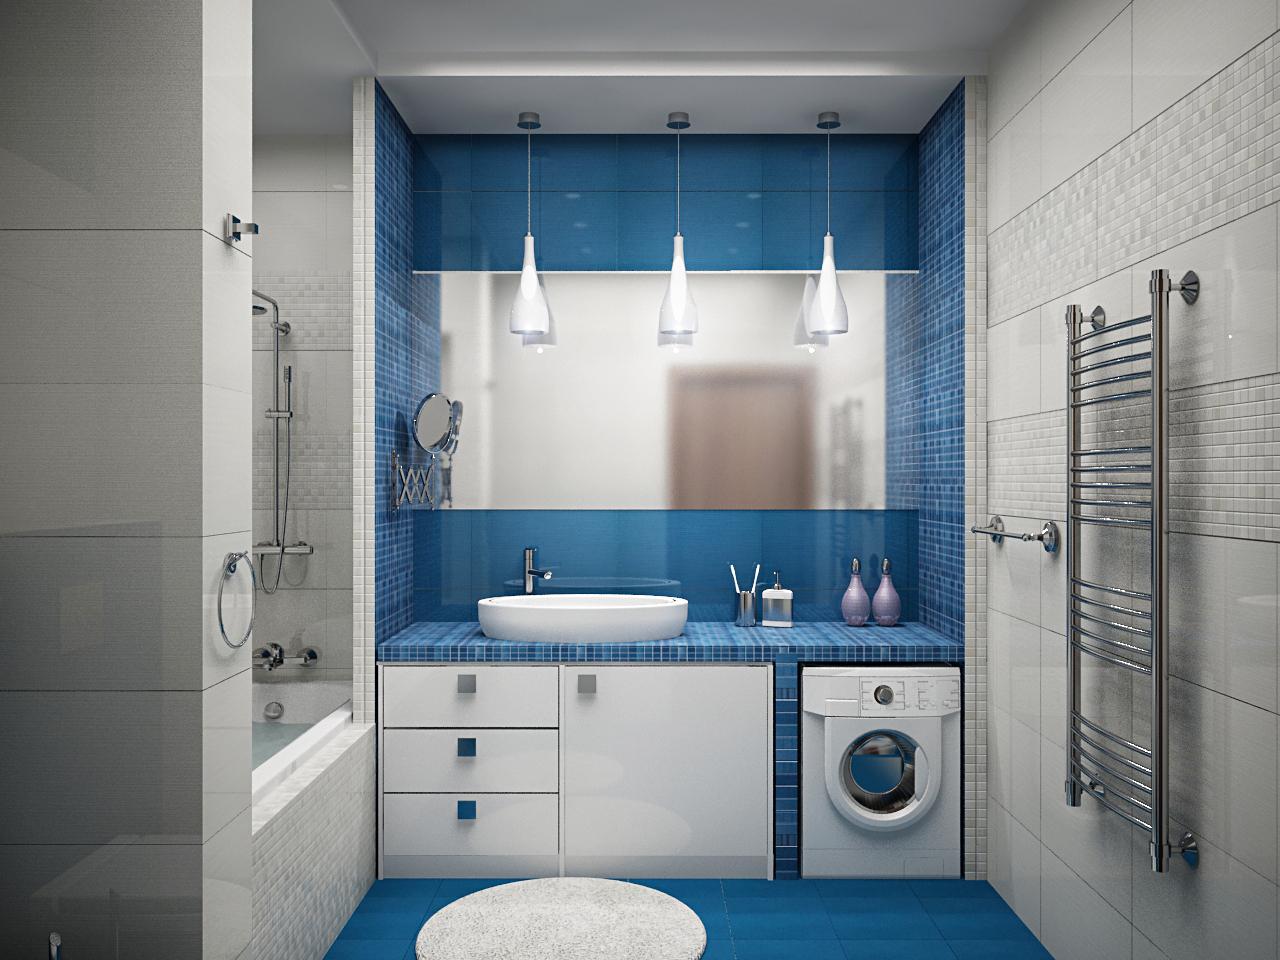 Дизайн ванной комнаты фото 6 кв м со стиральной машиной